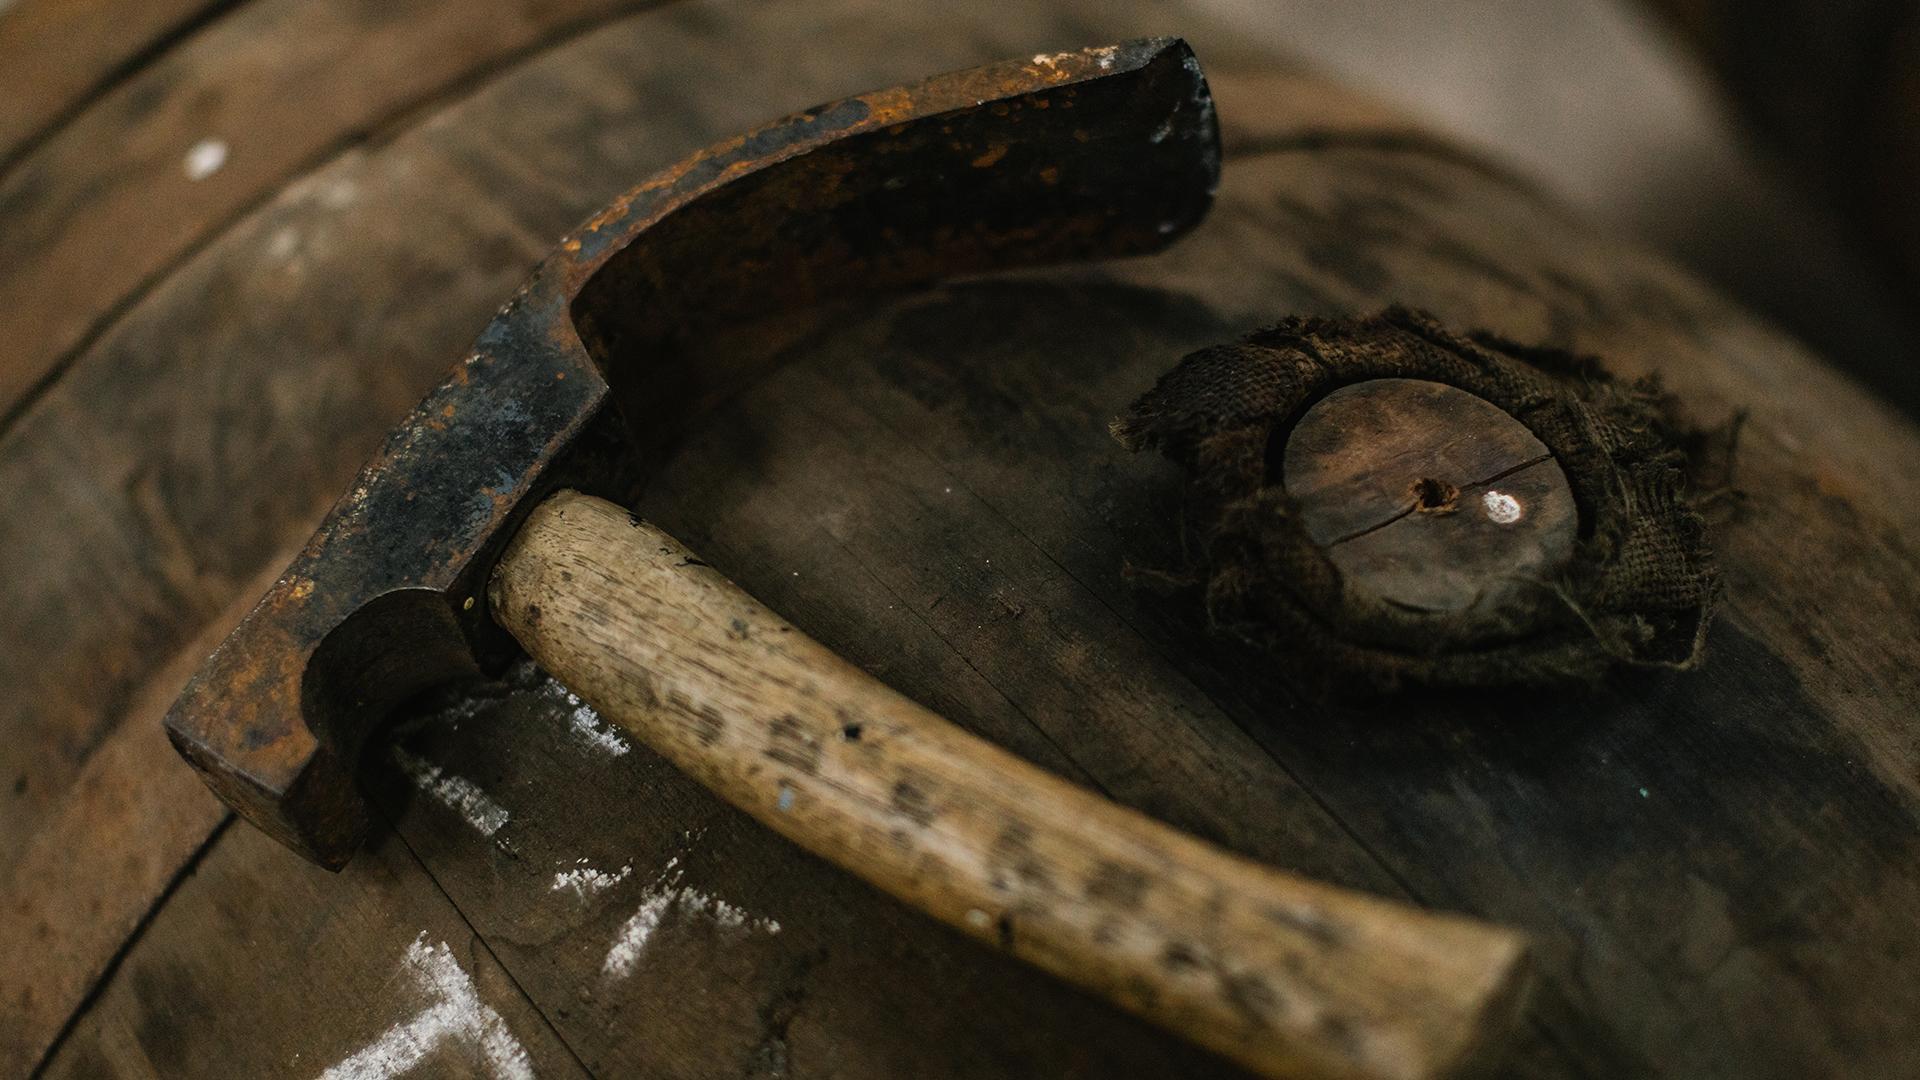 Glen Moray whisky barrel and tools